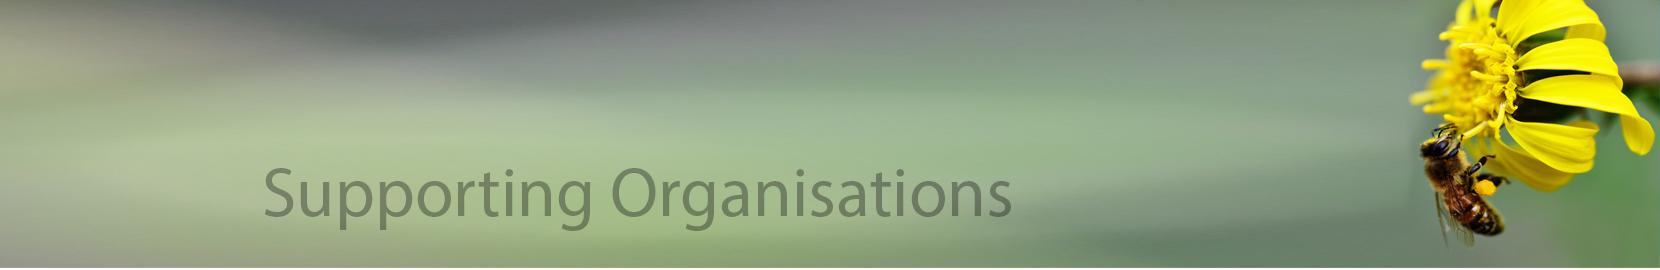 organizational behaviour case study zain nigeria